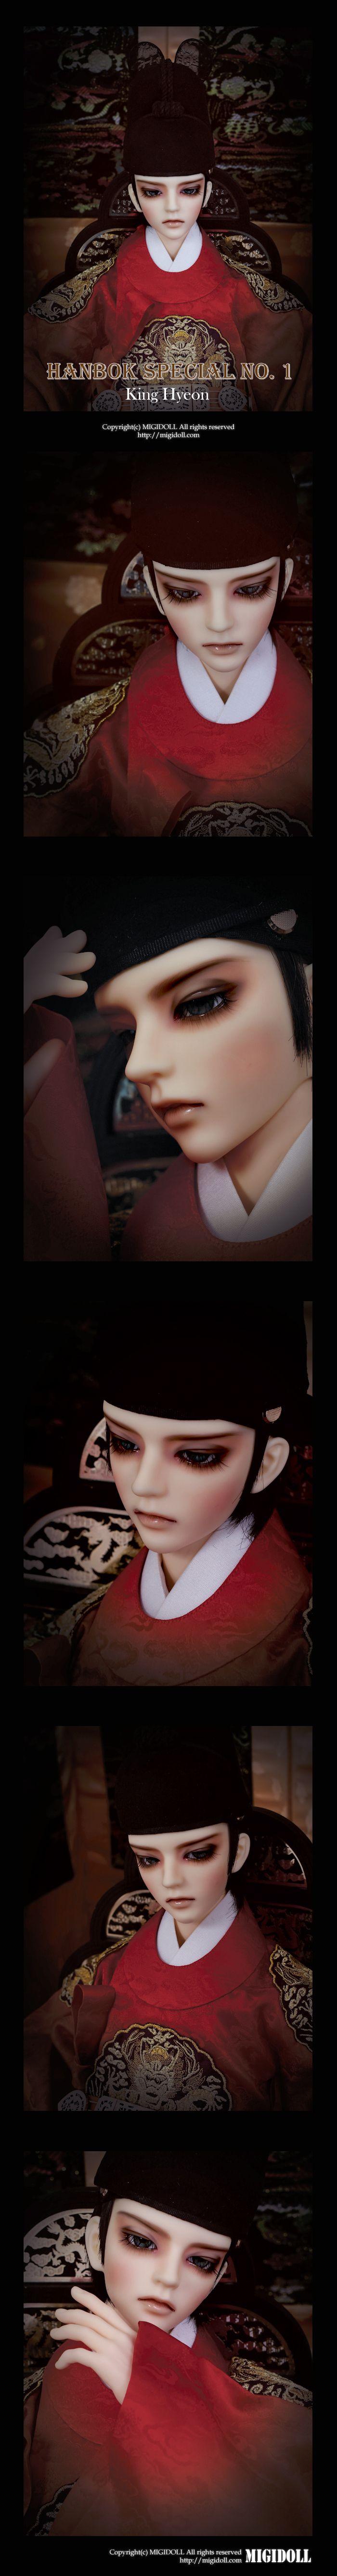 Hanbok special doll No. 1 - Hyeon- Migidoll